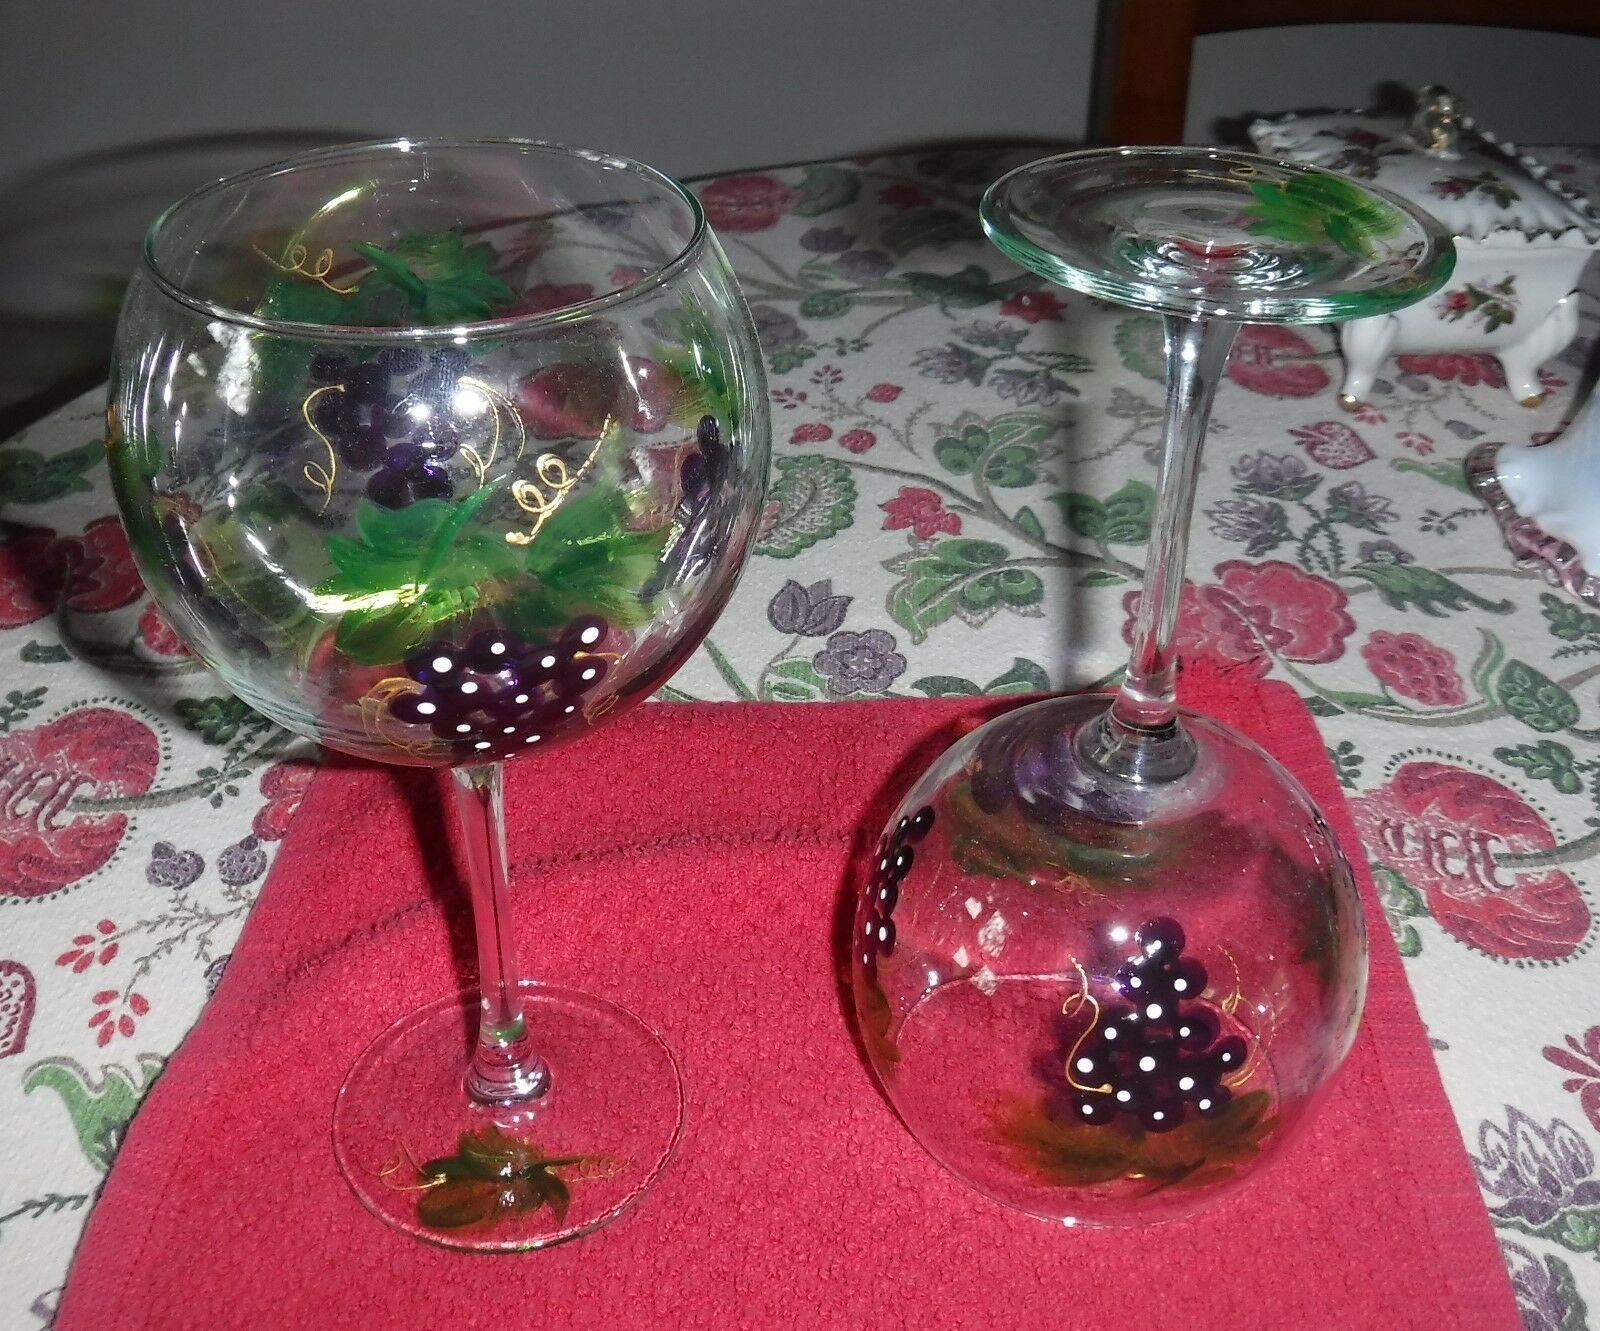 Https Ift Tt 2lkhoq5 Wine Glasses Ideas Of Wine Glasses Wineglasses Wine Glasses Set O Printed Wine Glasses Hand Painted Wine Glasses Wine Crystal